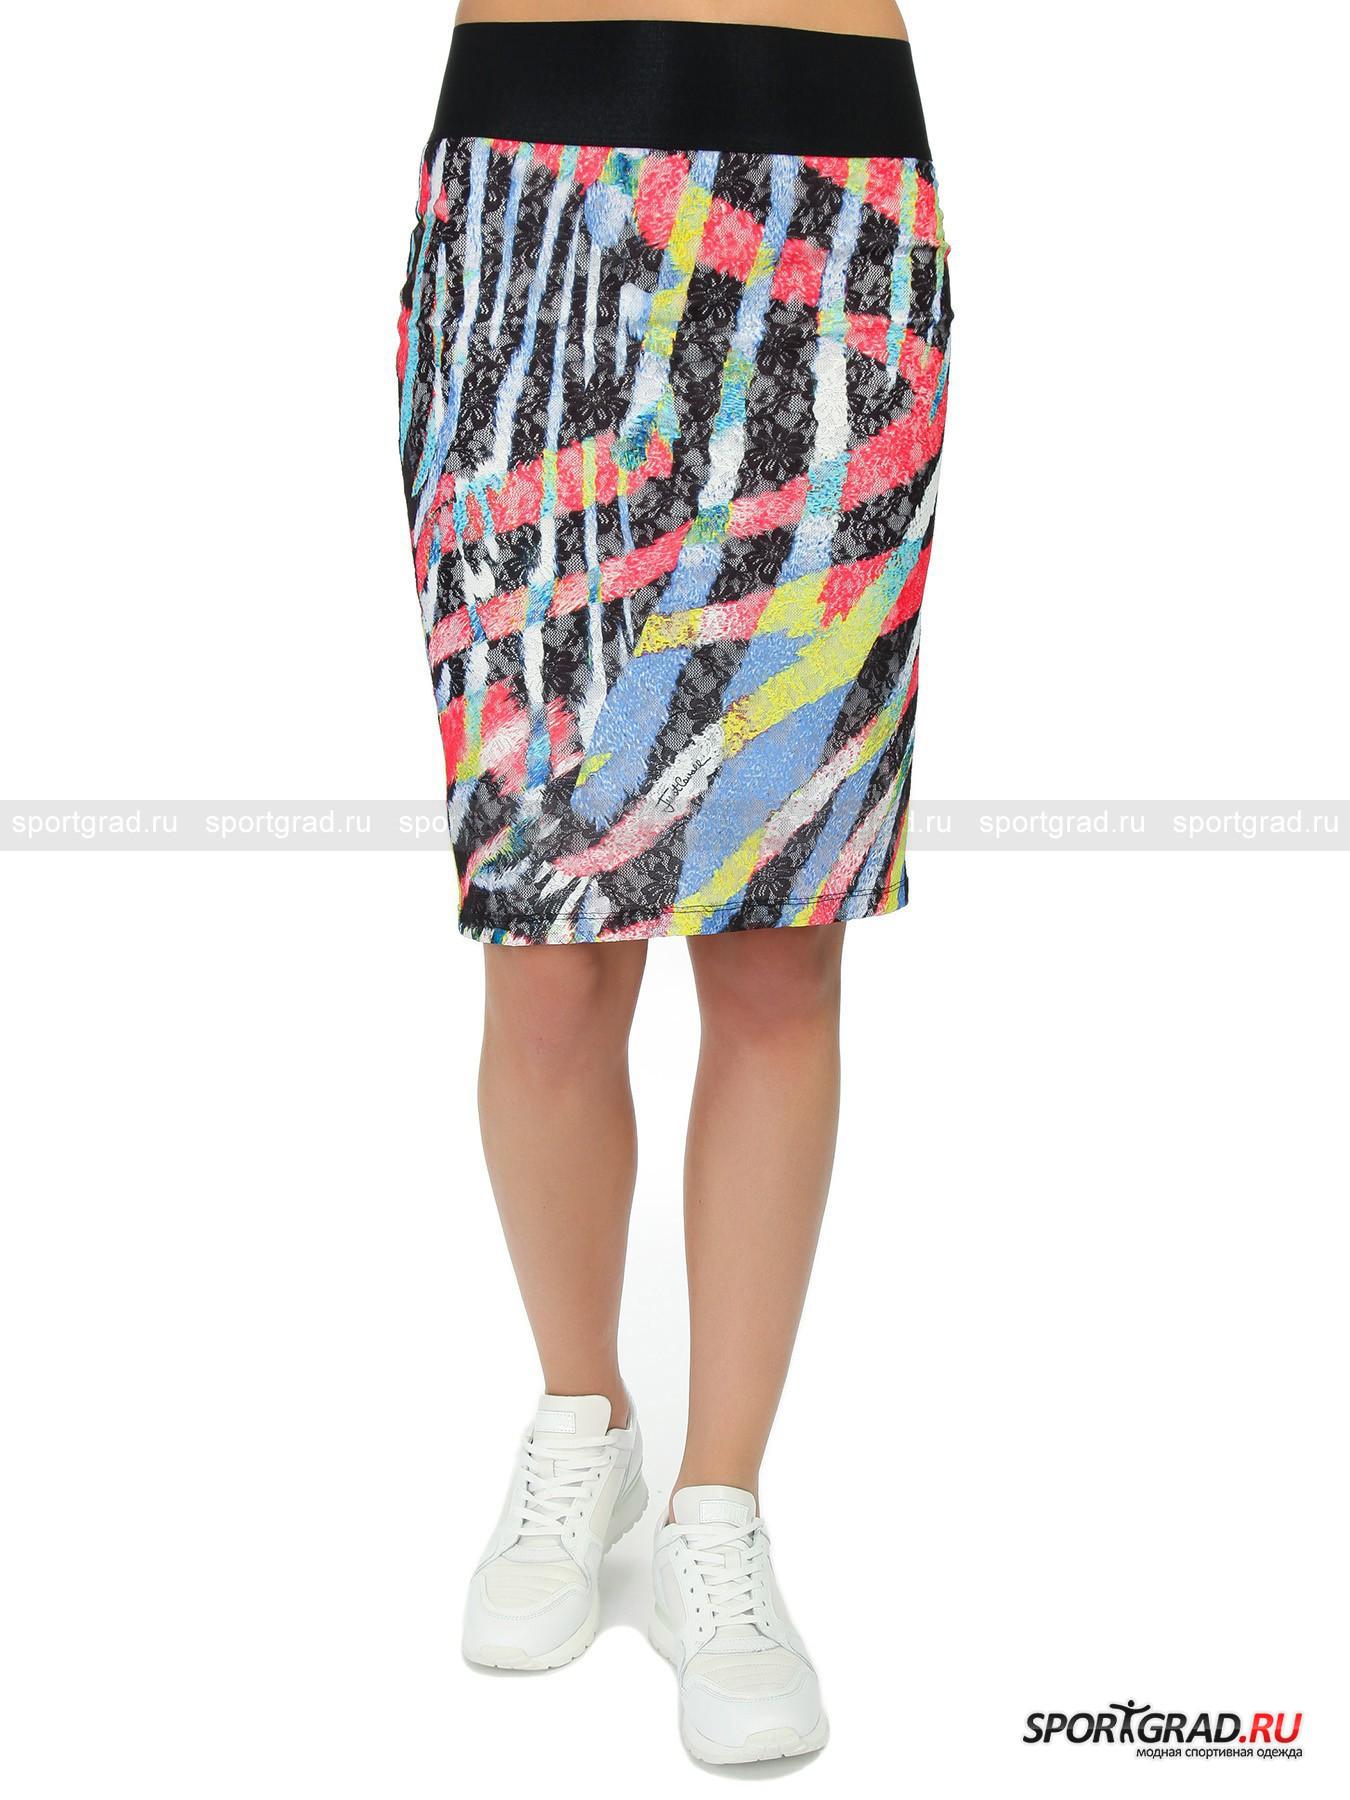 Юбка женская с кружевом JUST CAVALLIЮбки<br>Великолепная юбка от Just Cavalli – пьянящее сочетание хулиганской дерзости и утонченной женственности. Модель состоит из двух слоев: атласно блестящей эластичной белой основы и  тонкого прозрачного кружевного полотна, украшенного вышивкой и ярким разноцветным принтом. Юбка имеет универсальный фасон «карандаш», который идет практически всем,  и достаточно целомудренную длину. Застежек здесь нет, вещь держится на бедрах благодаря широкому эластичному поясу из гофрированного черного материала.<br><br>Пол: Женский<br>Возраст: Взрослый<br>Тип: Юбки<br>Рекомендации по уходу: ручная стирка; не отбеливать; гладить при низкой температуре (до 110 C); только сухая чистка; нельзя выжимать и сушить в стиральной машине<br>Состав: 96% полиэстер, 4% эластан